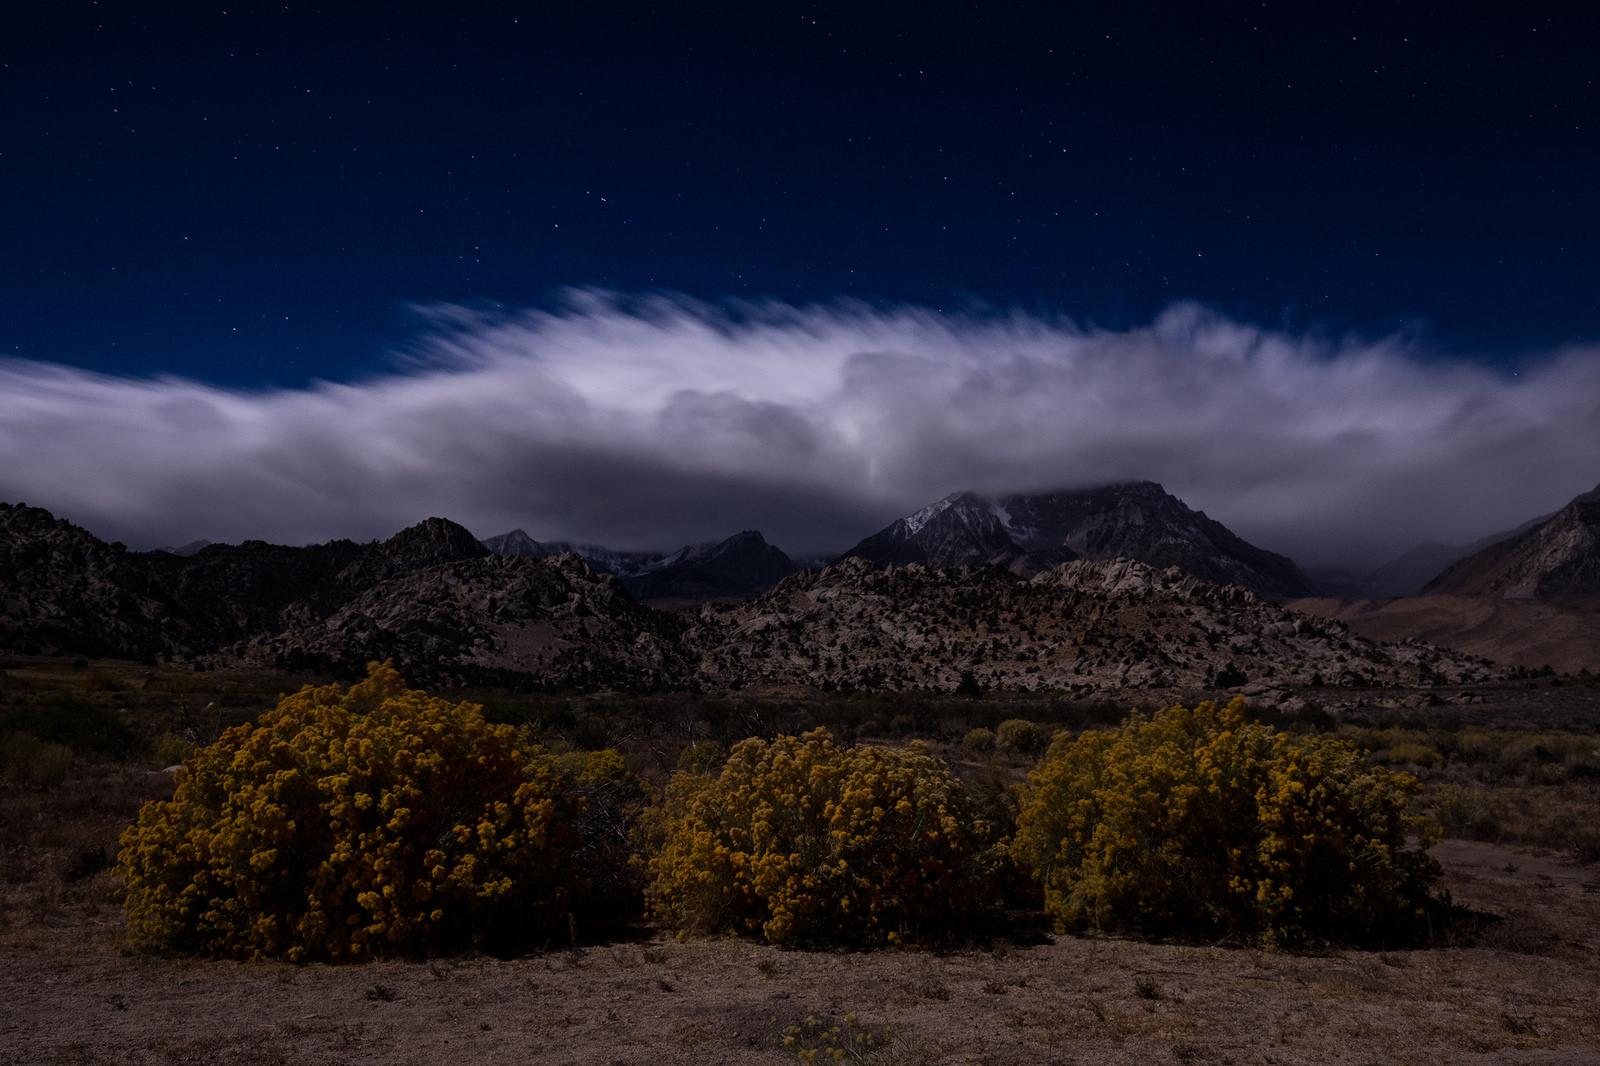 Eastern Sierra Nights